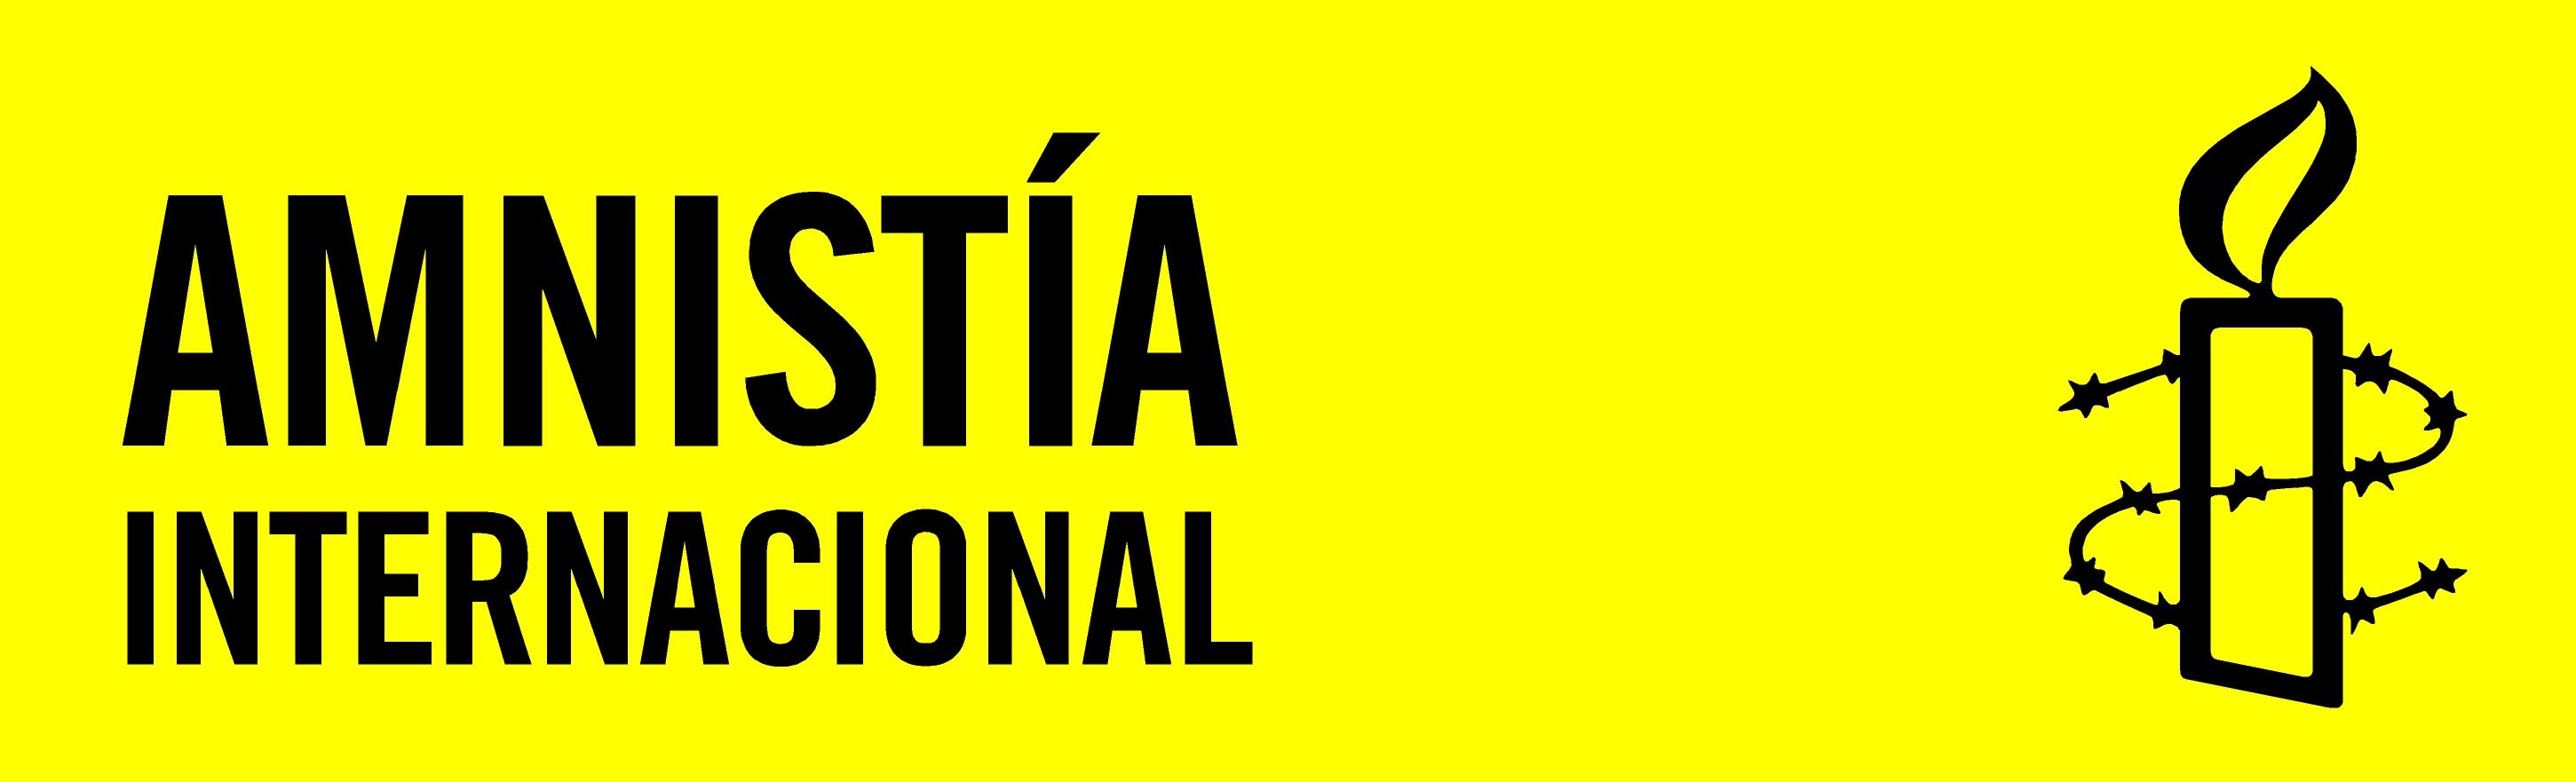 logo-amnistia-adenttro-de-la-pag